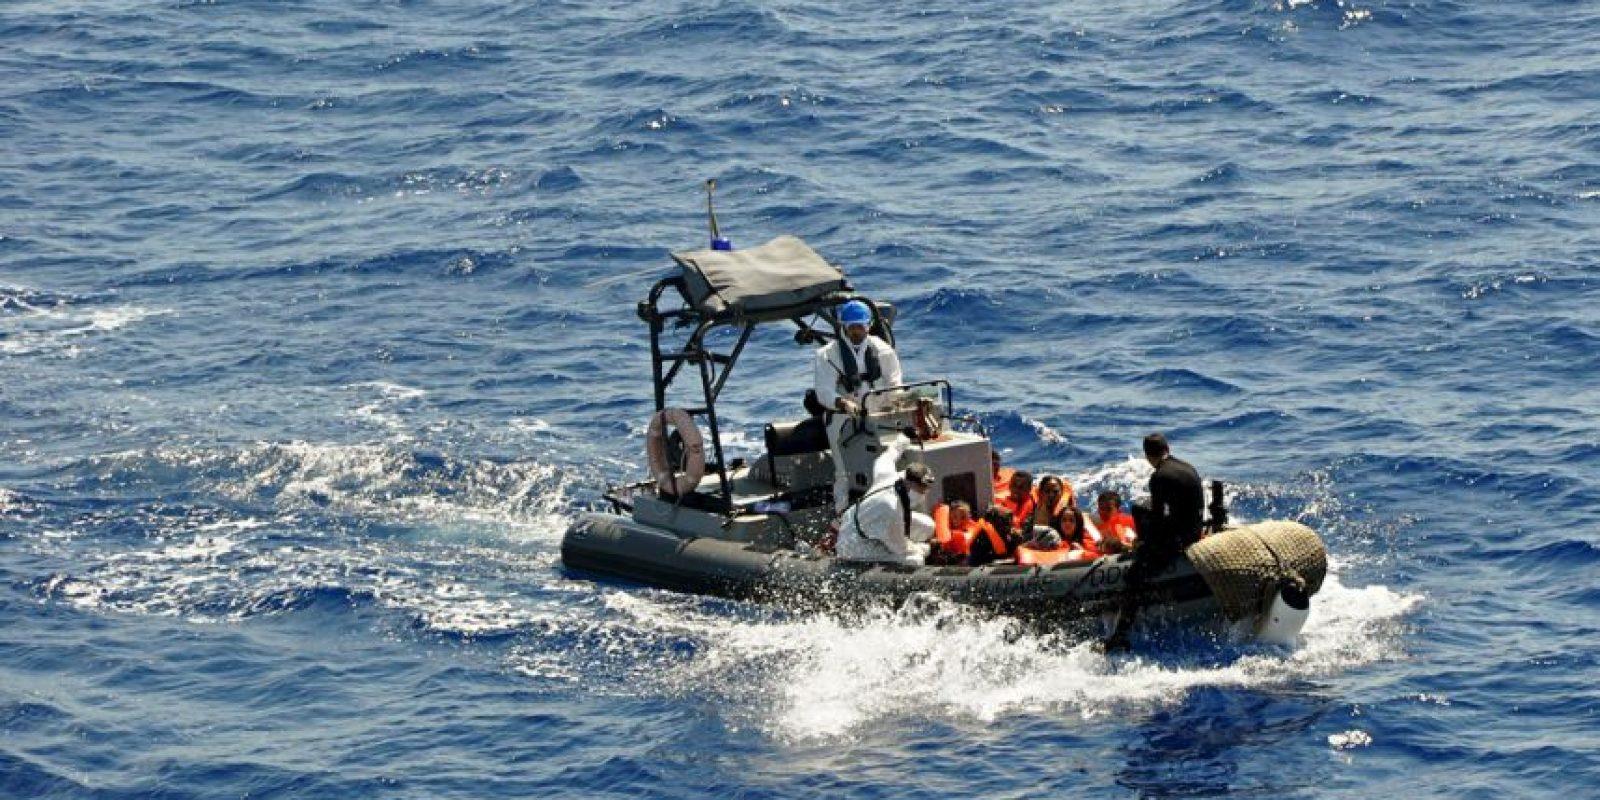 Italia se ha vuelto uno de los destinos peligroso para los migrantes jóvenes que viajan solos. Foto:AFP